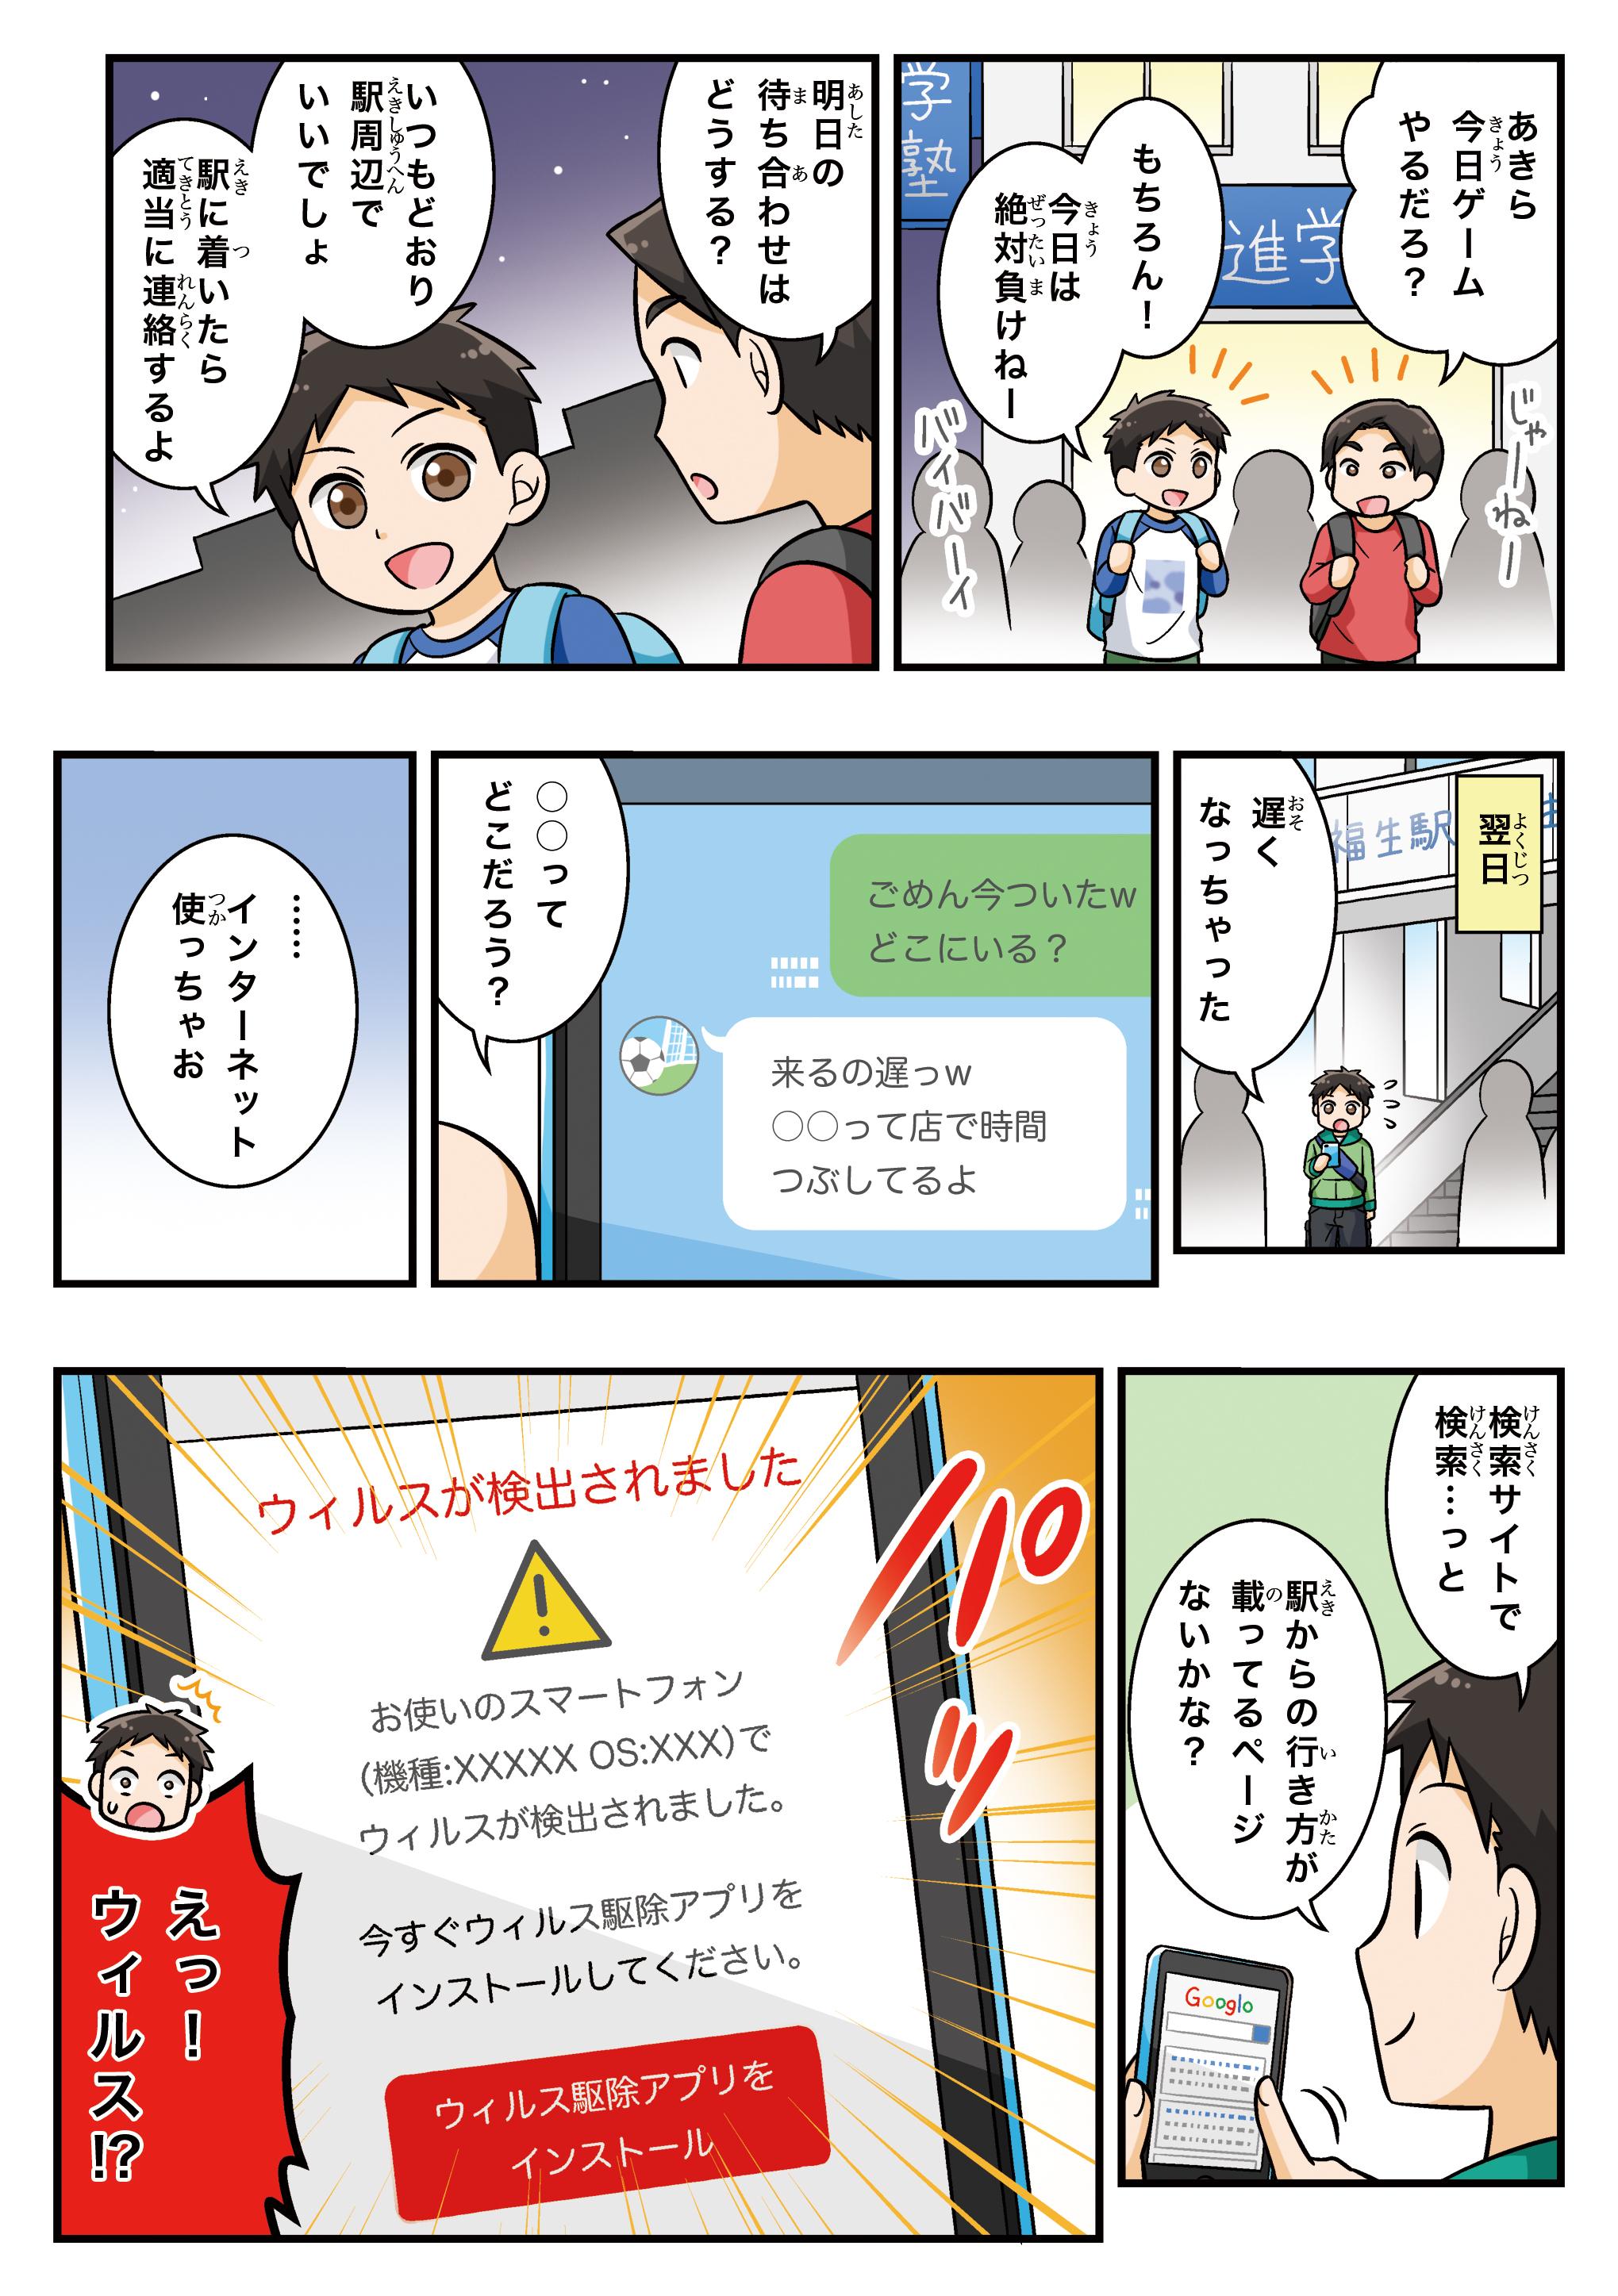 福生市小中学生向け防犯啓蒙漫画[画像2]